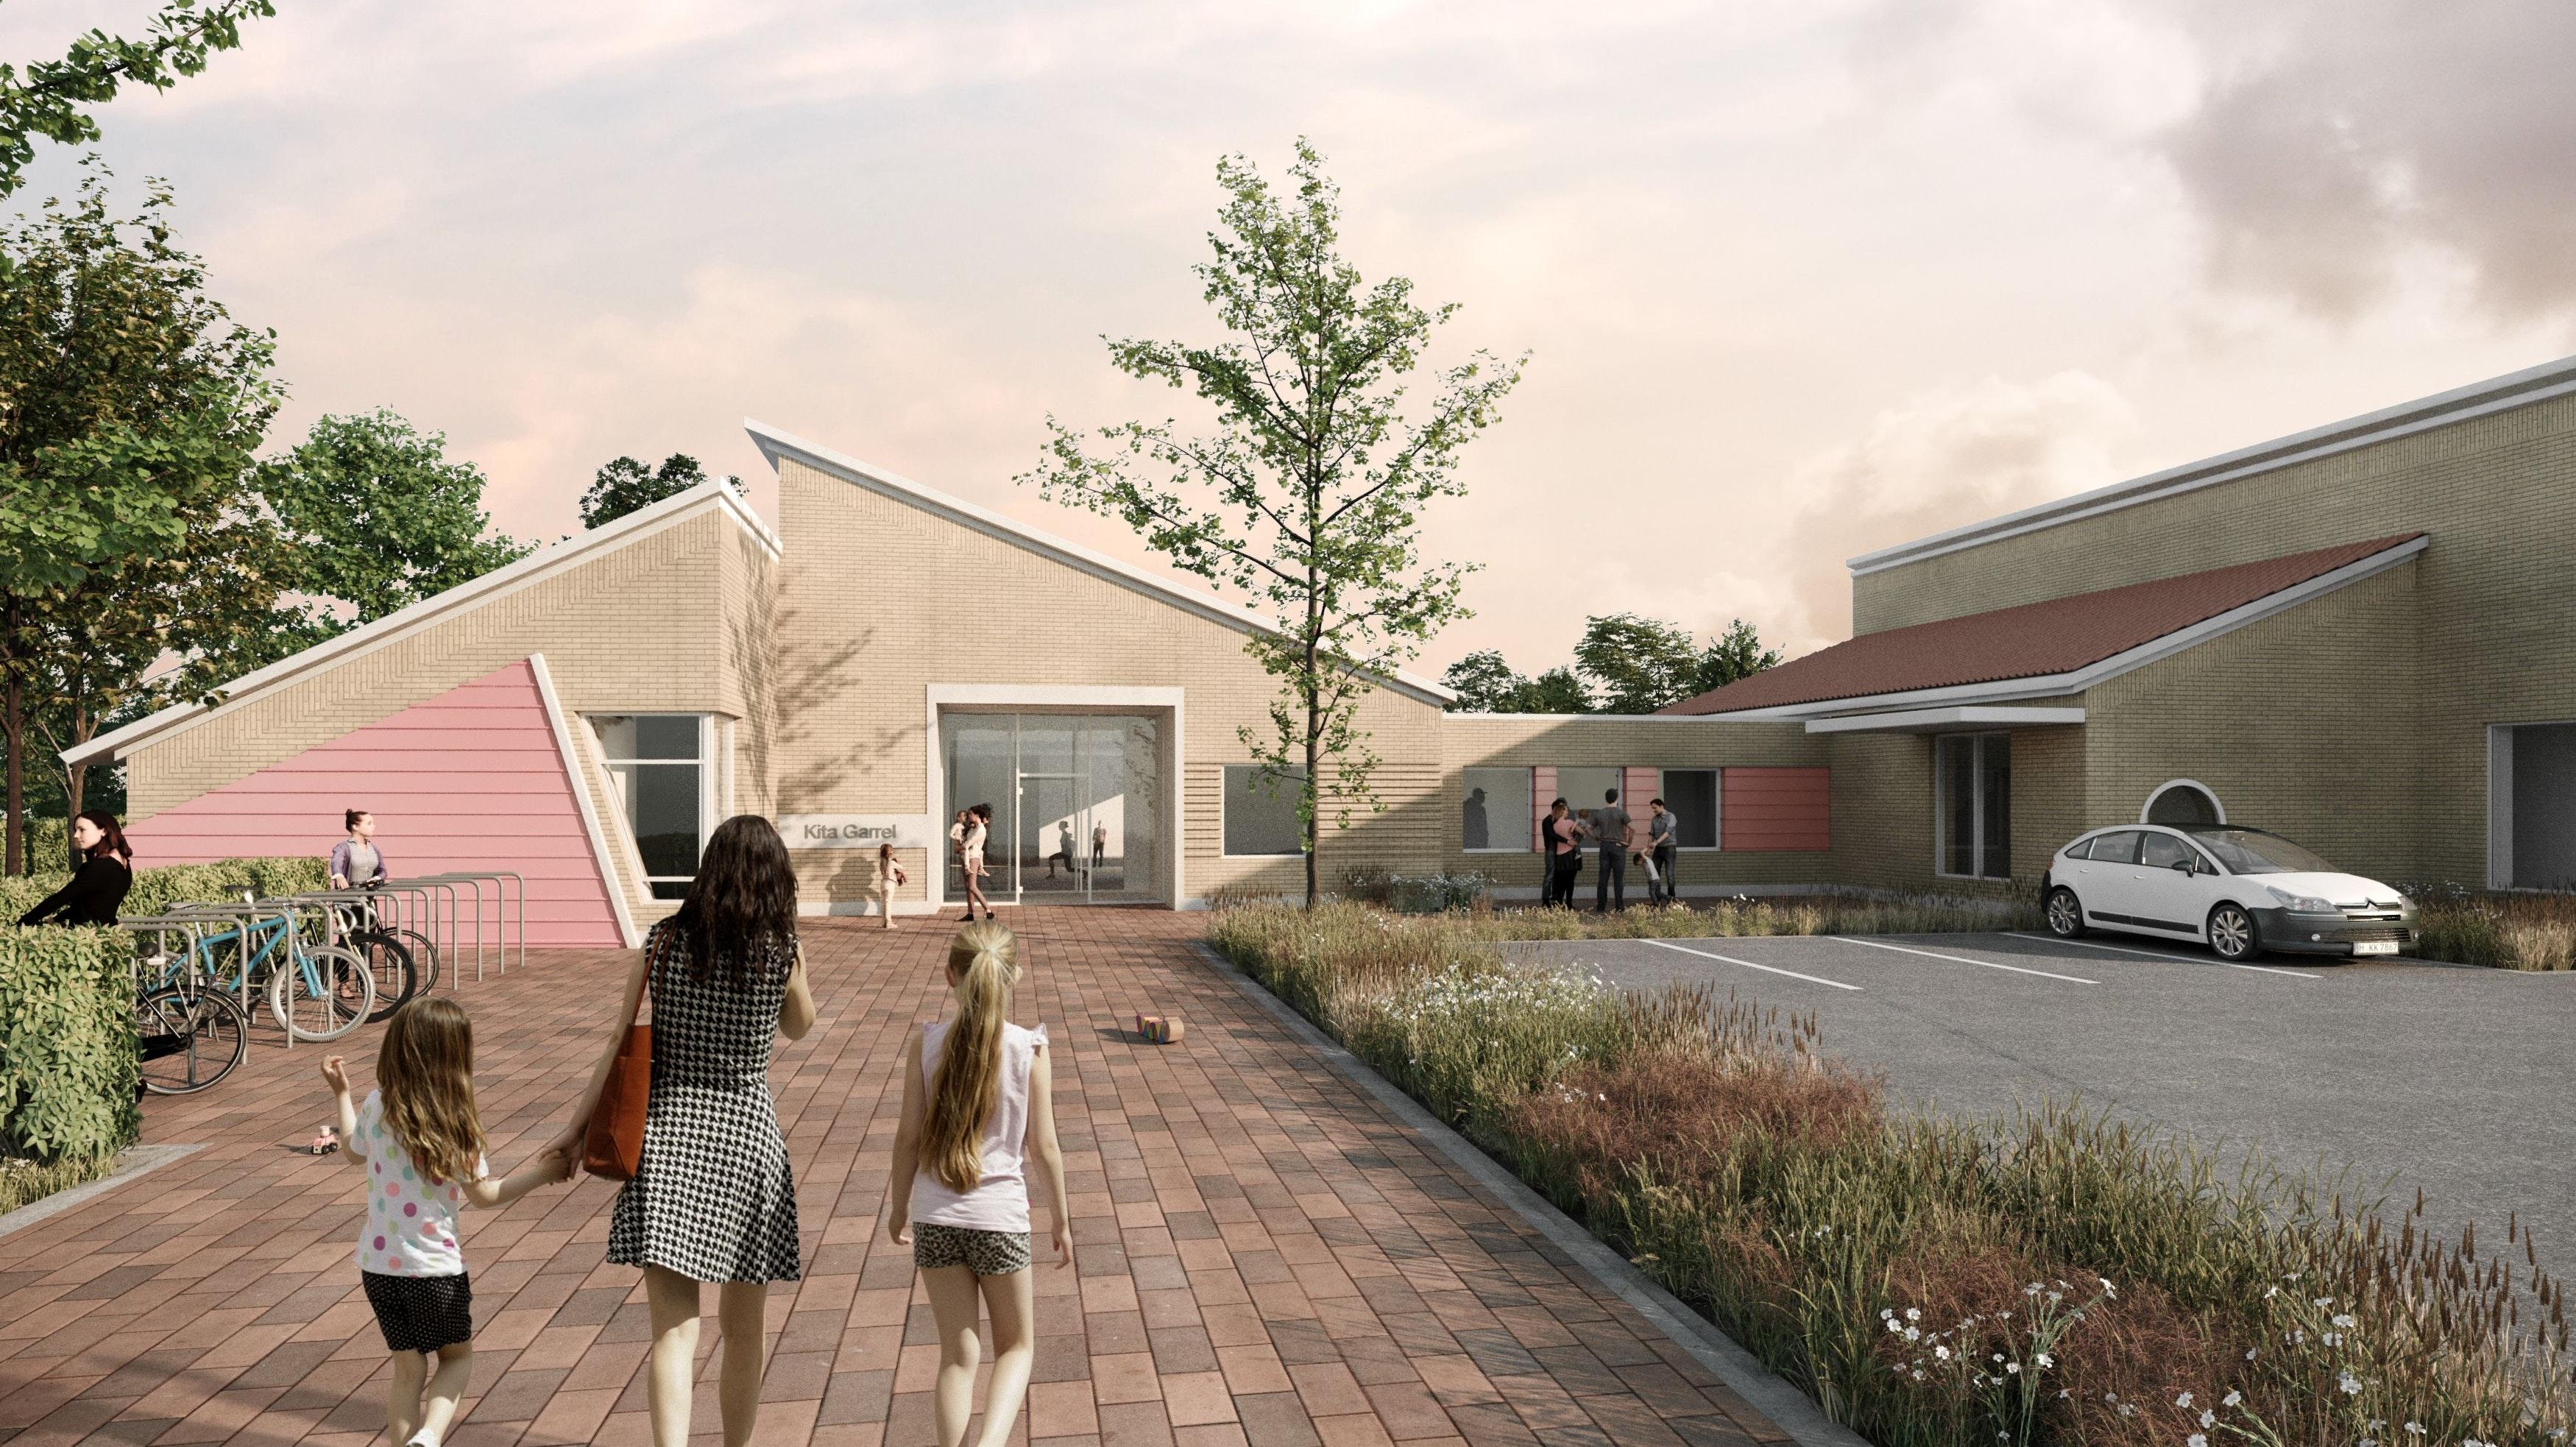 """Eines von mehreren Projekten: So soll die neue Kindertagesstätte """"In der Marsch"""" aussehen. Die Kosten belaufen sich auf rund 2,9 Millionen Euro. Visualisierung: Bramlage Schwerter Architekten GmbH"""